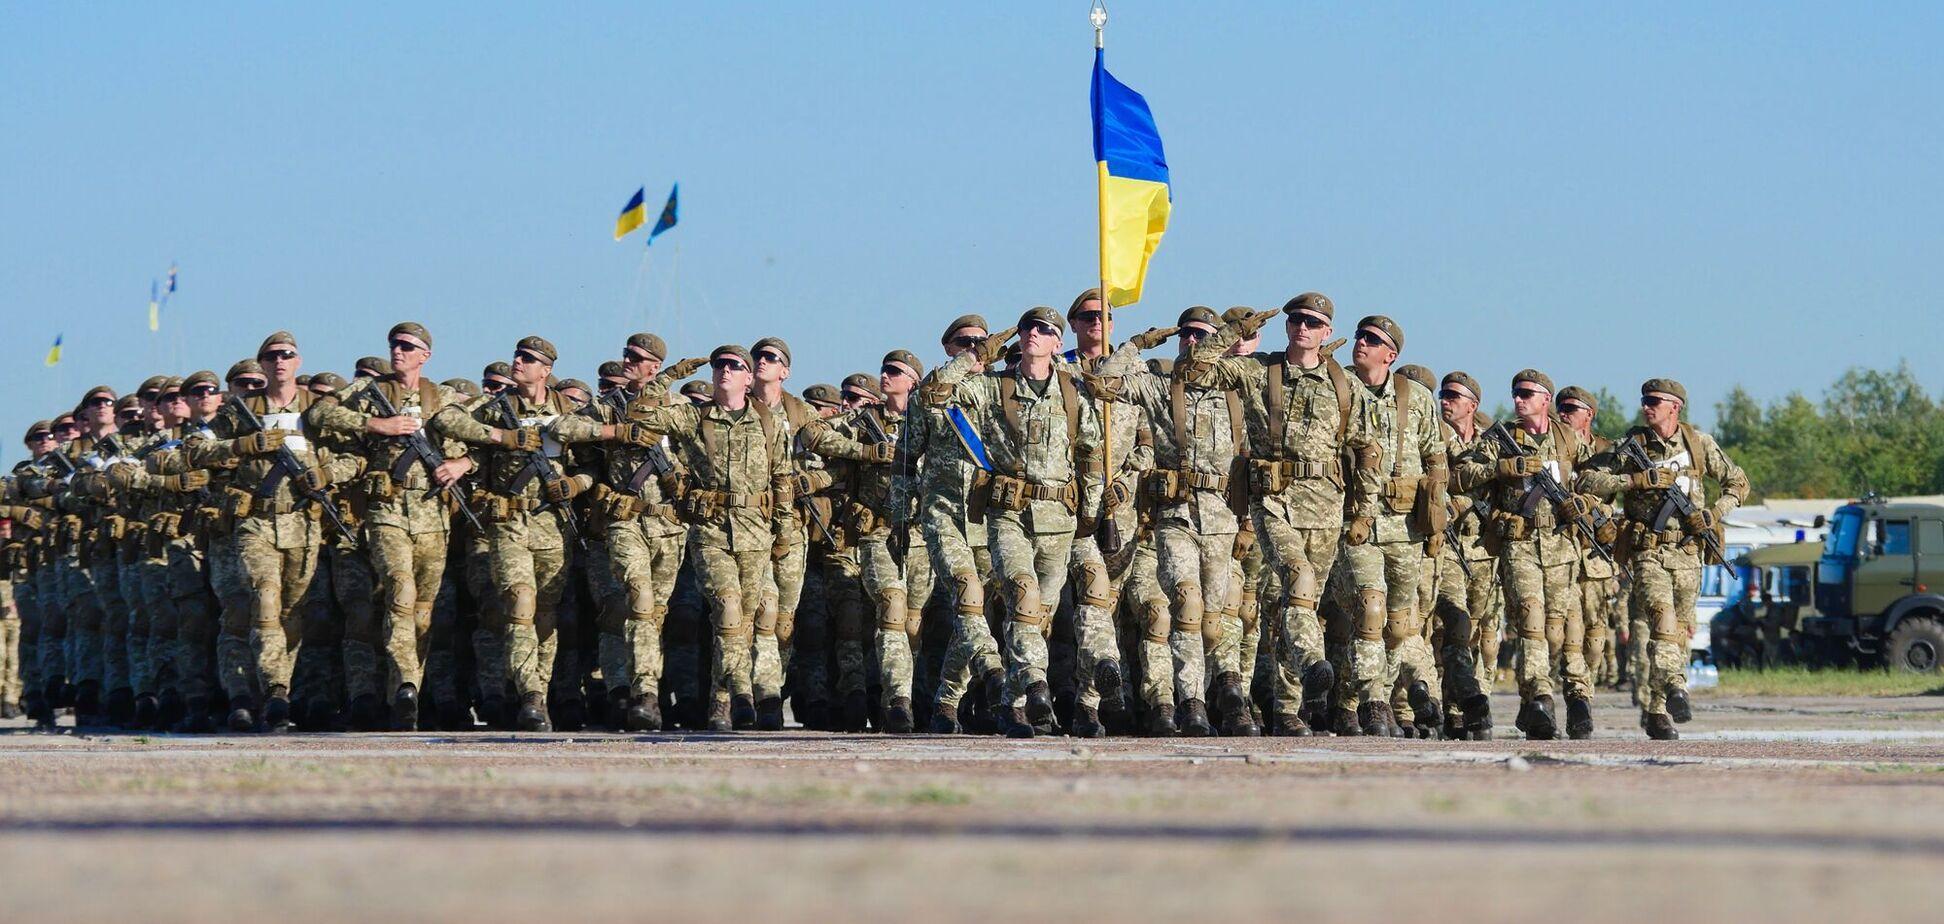 День Вооруженных сил Украины отмечается с 1993 года